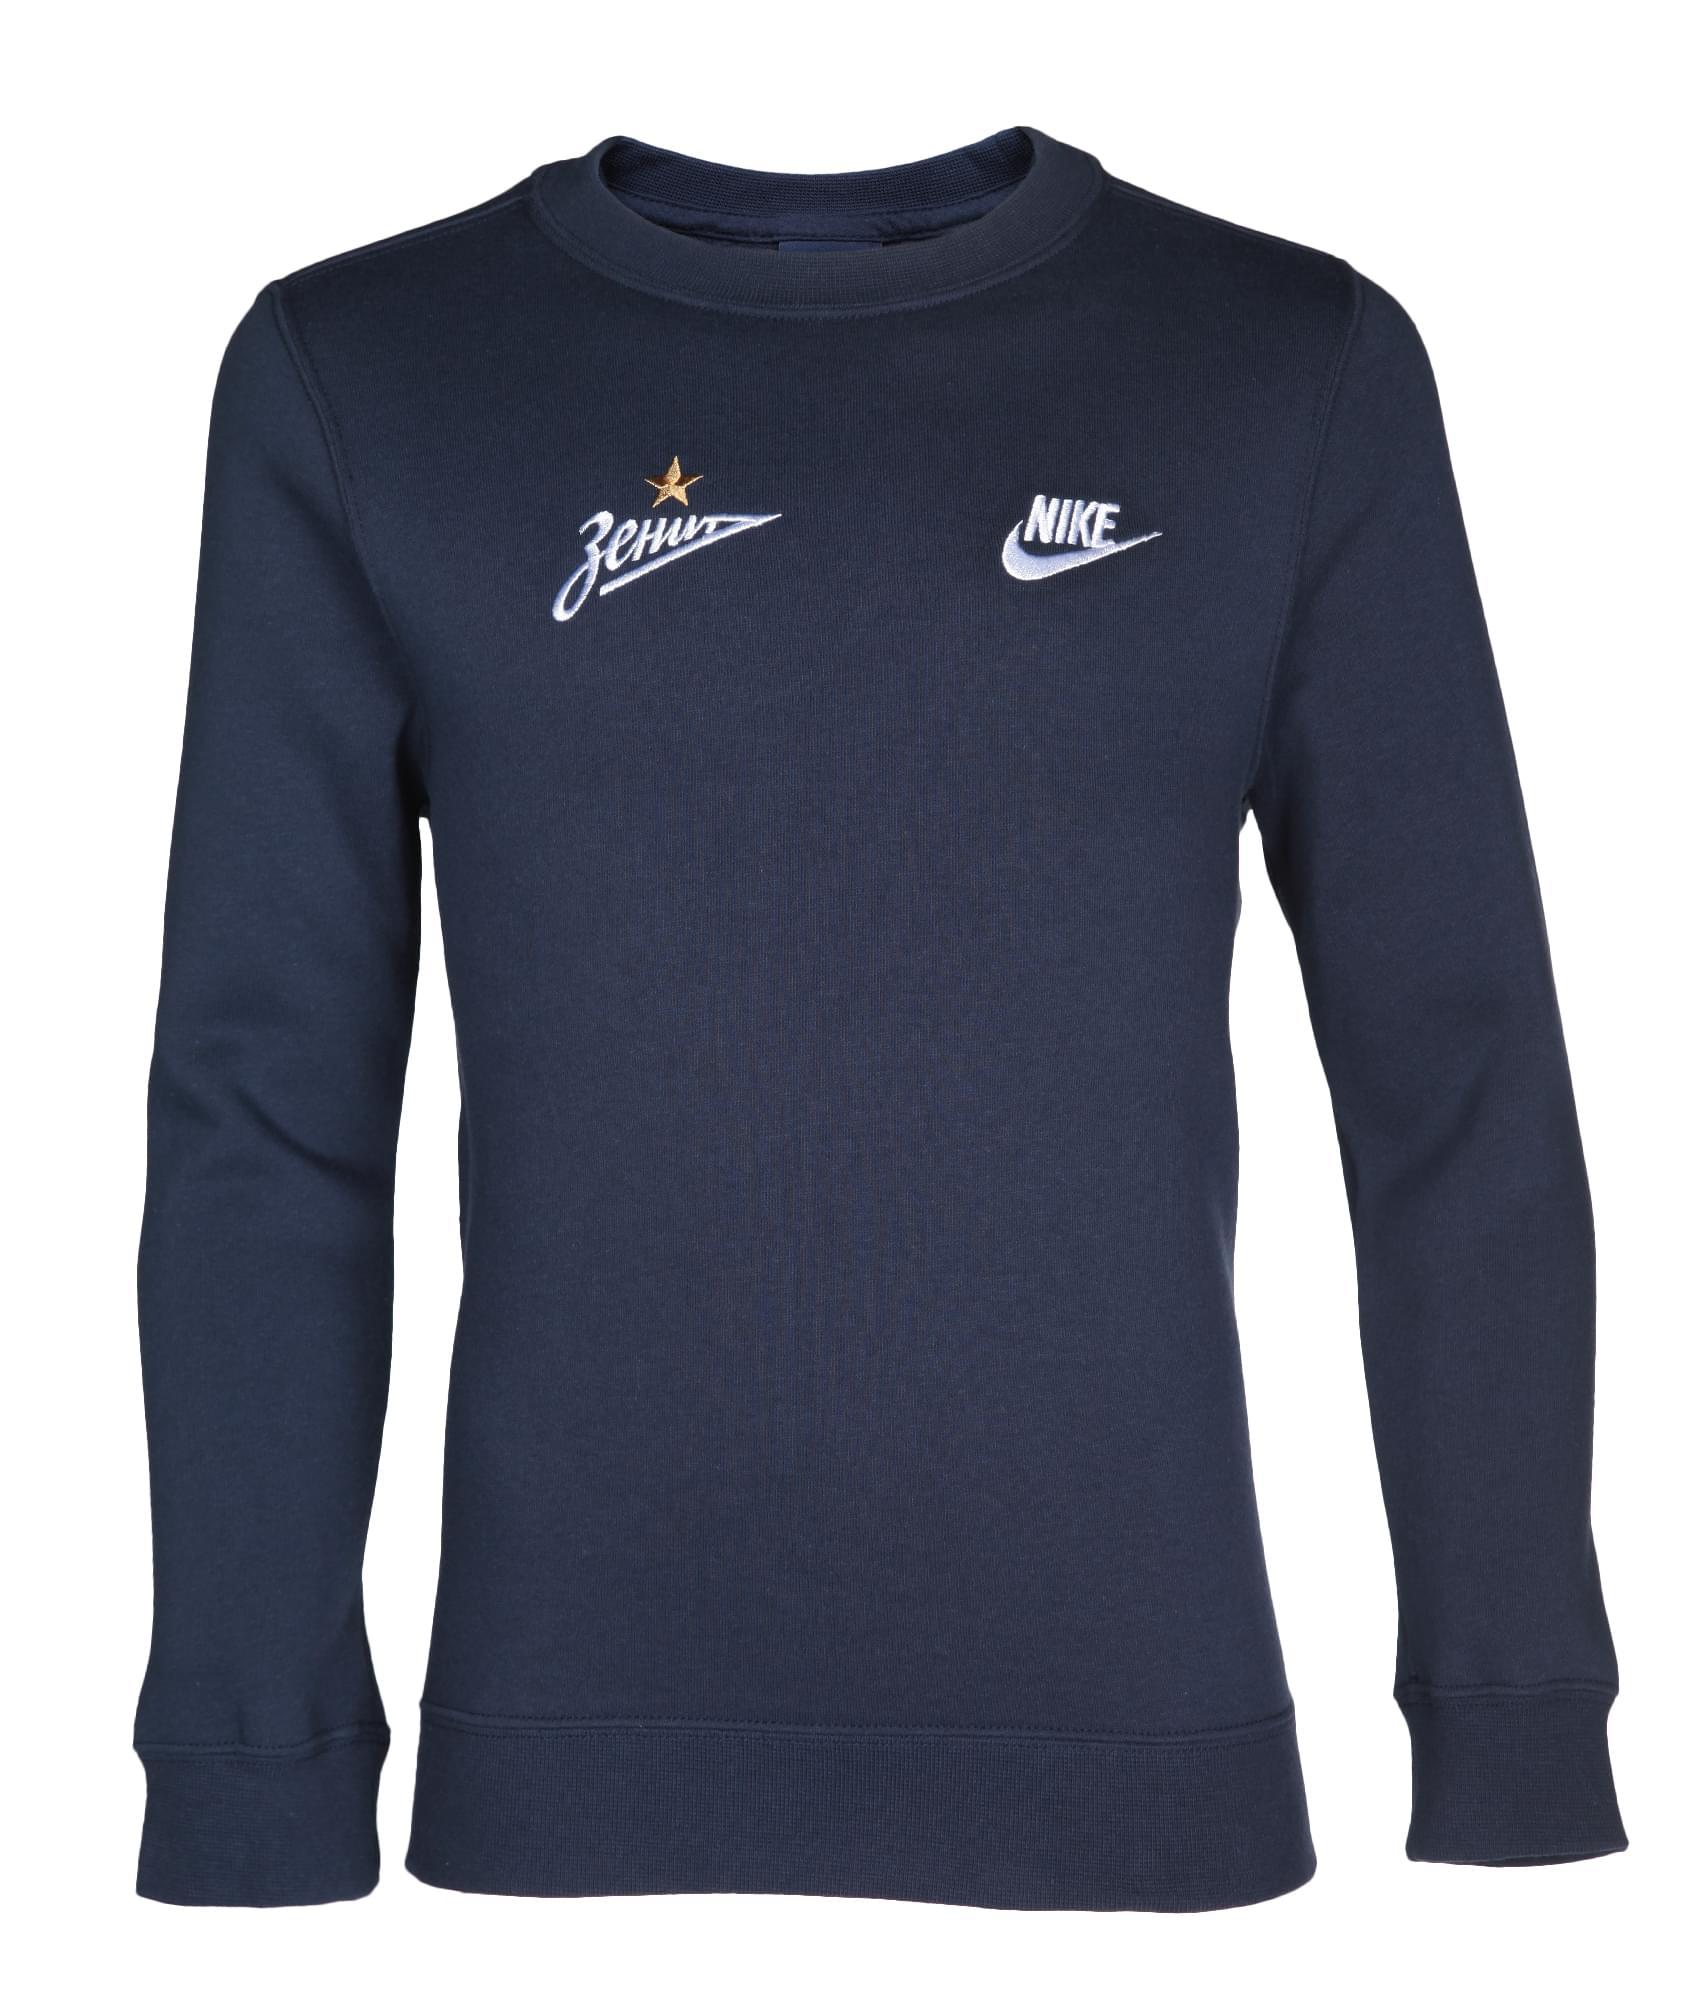 Свитшот подростковый Nike Nike Цвет-Темно-Синий джемпер тренировочный подростковый nike цвет темно синий размер m